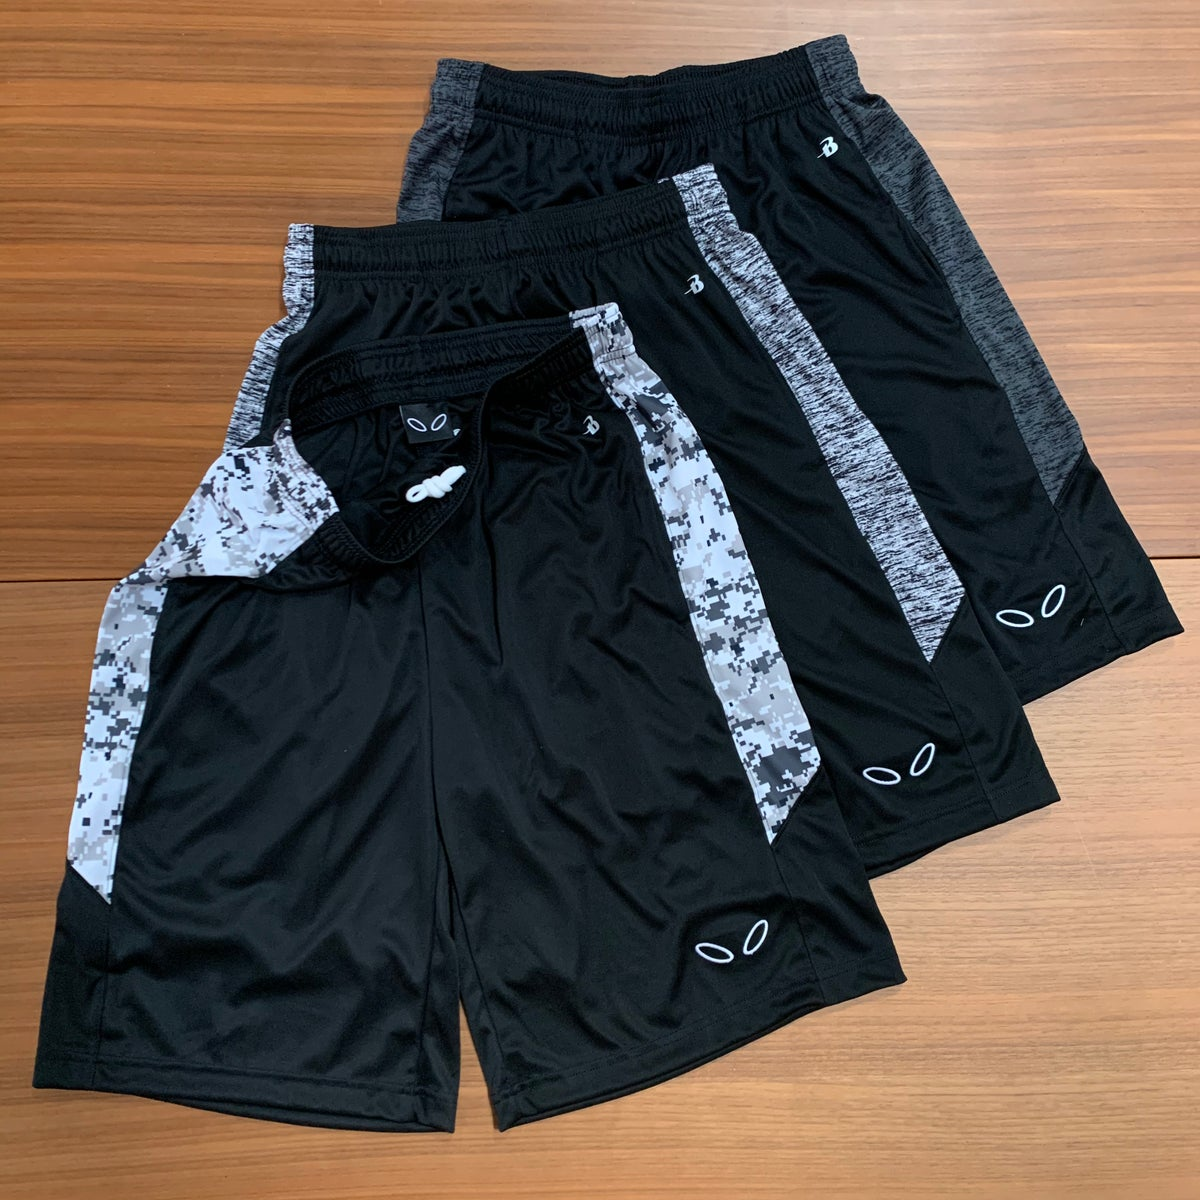 Image of Athletic / Basketball Shorts